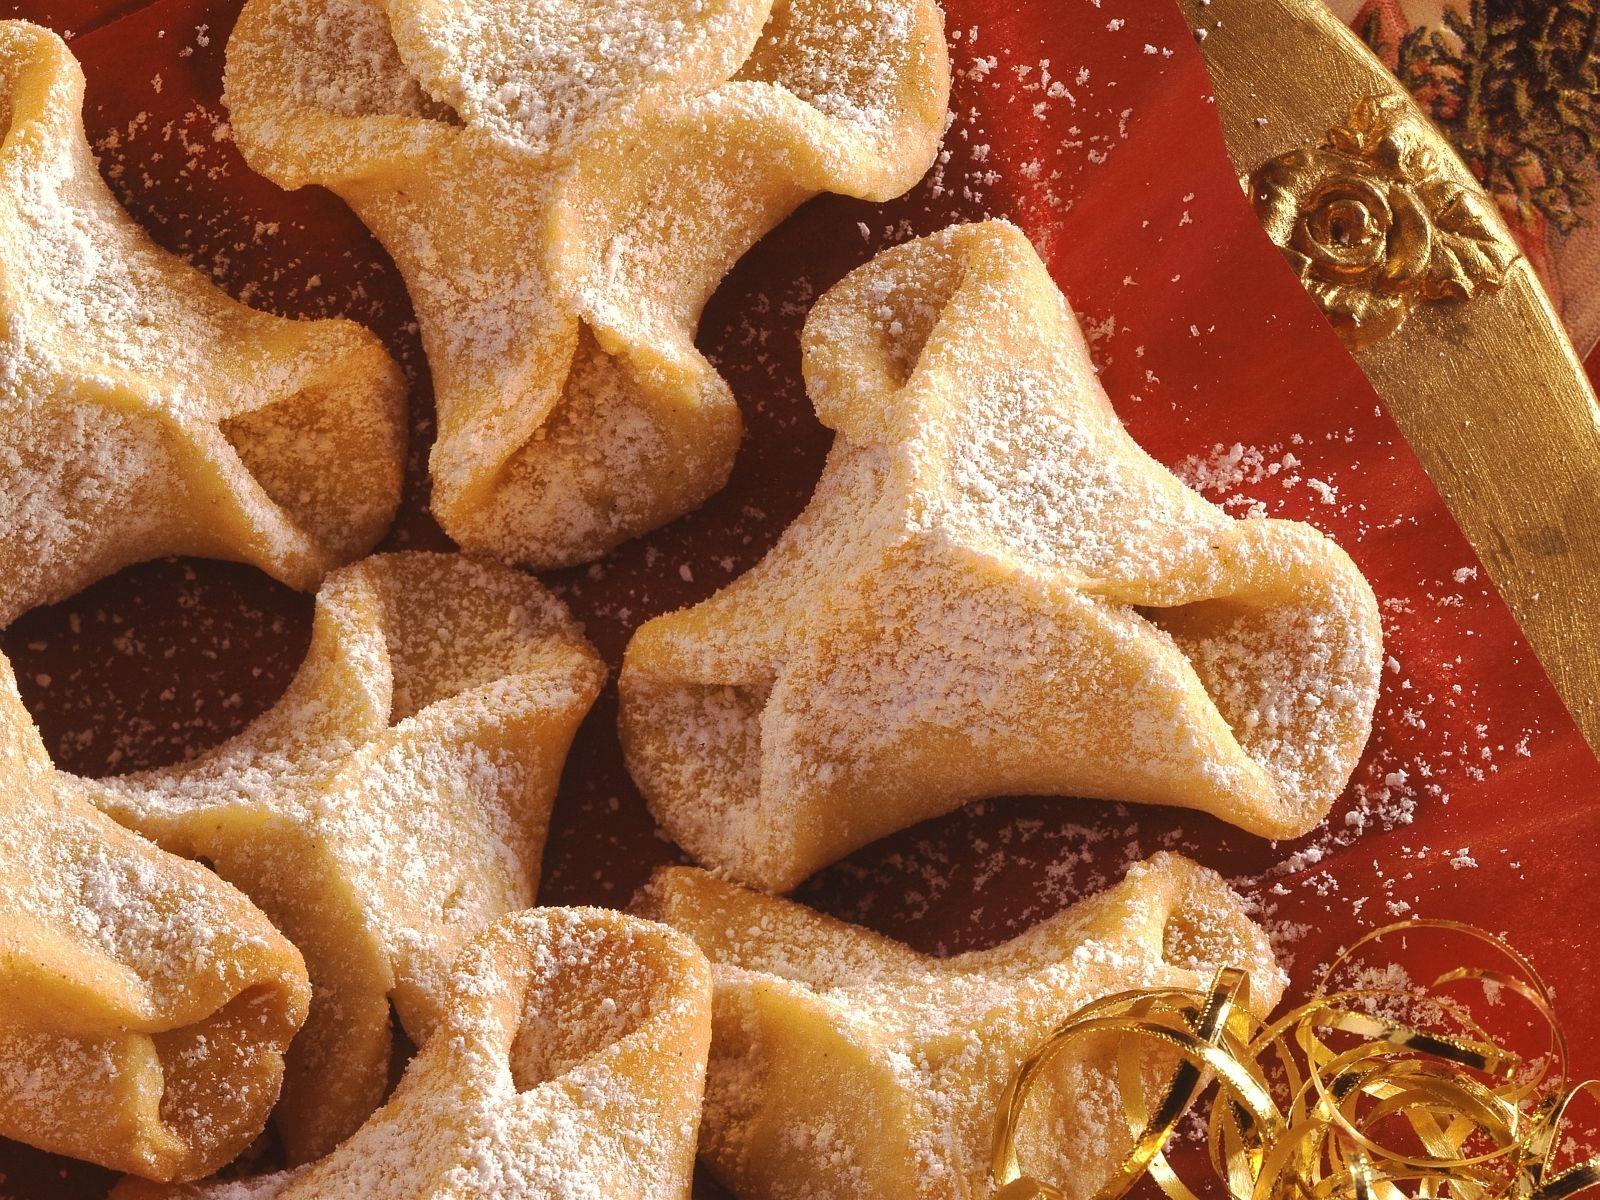 a858af36f0f1464156dc815082e46efe - Keks Rezepte Weihnachten